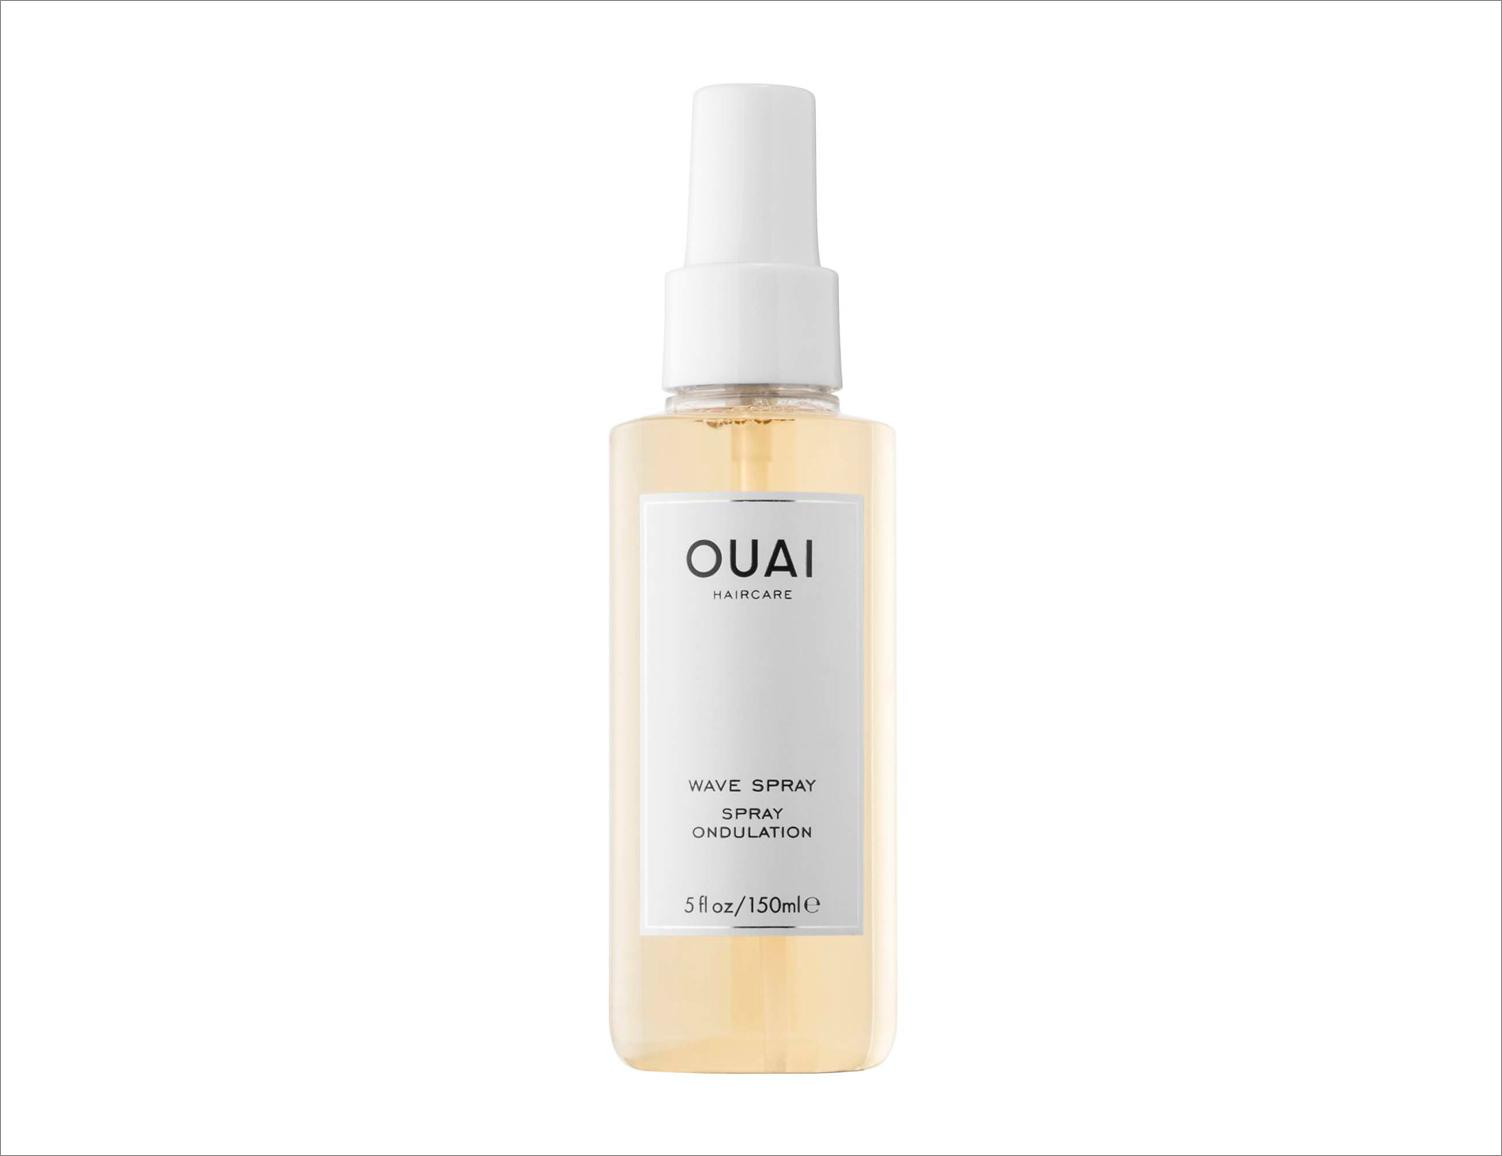 Ouai wave spray summer beauty blog ideas